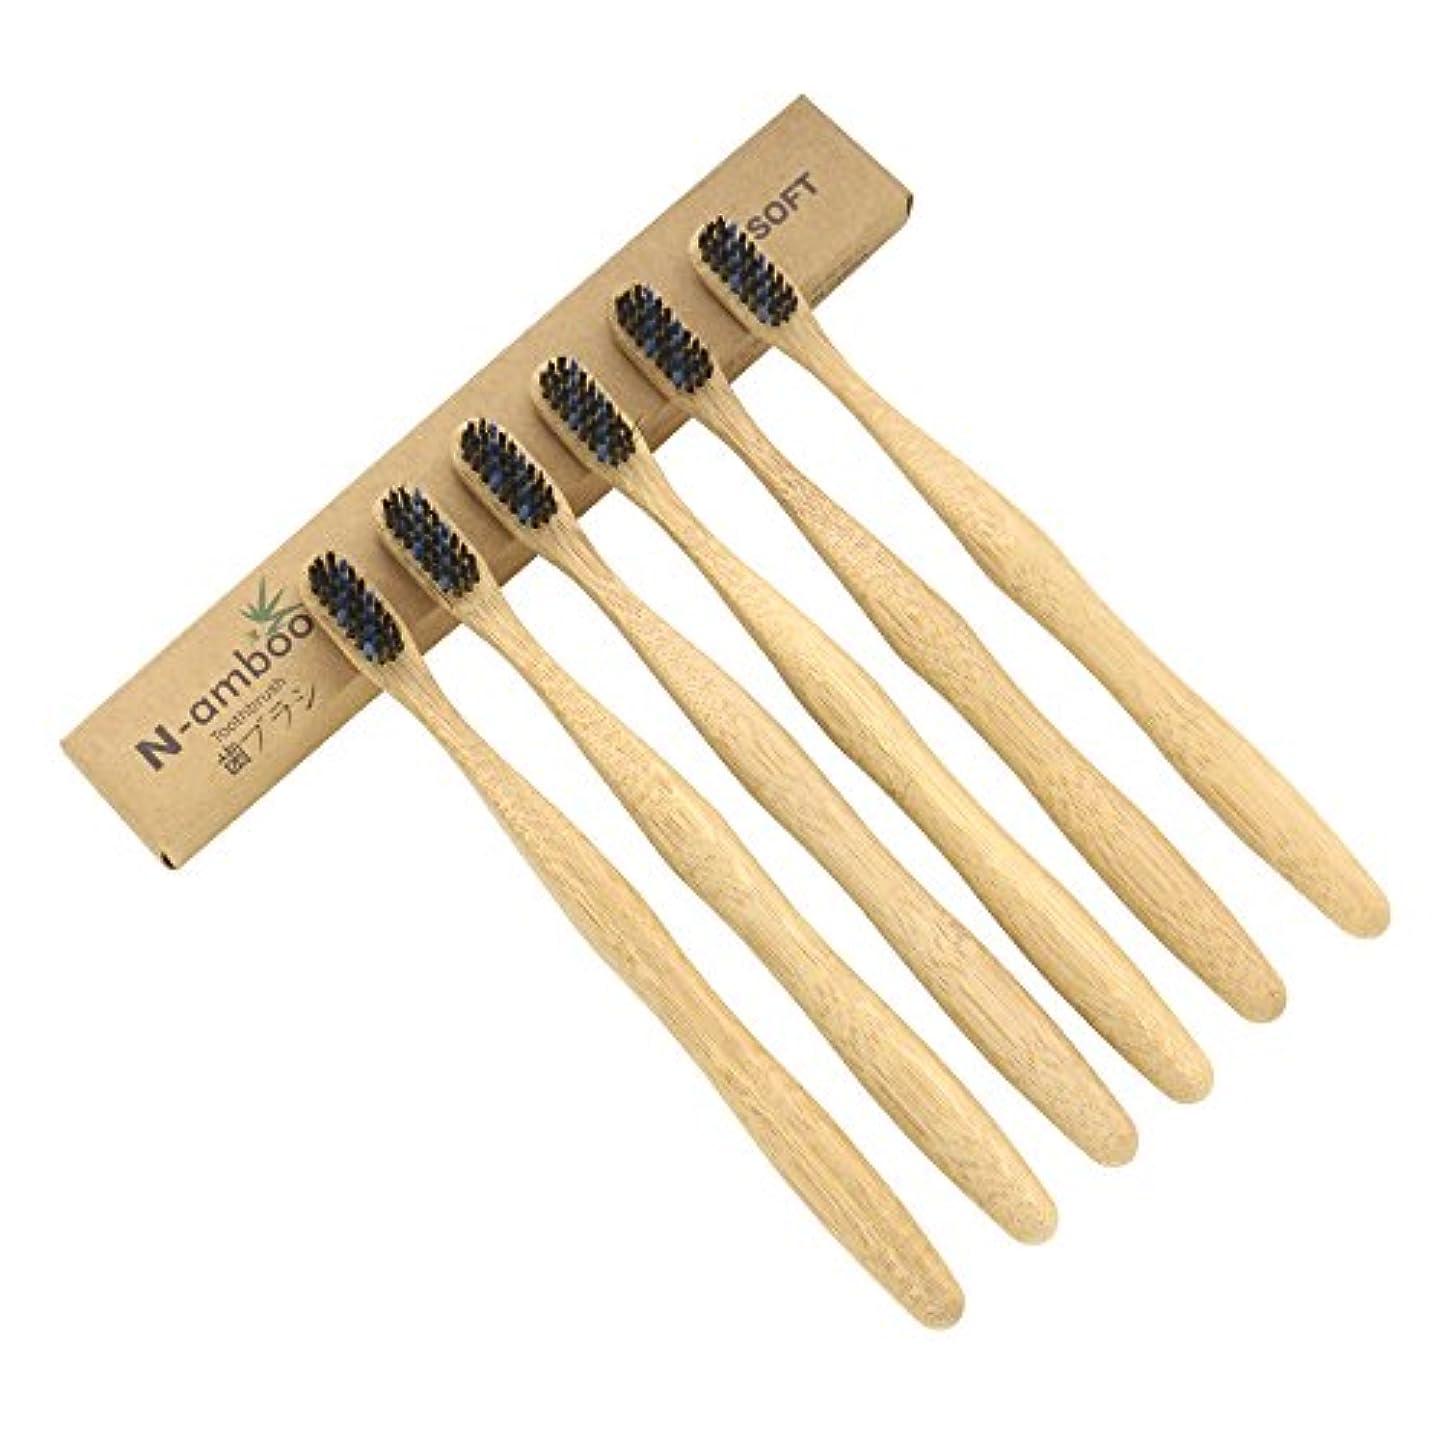 理想的には趣味検出可能N-amboo 竹製耐久度高い 歯ブラシ 黒と青 6本入り セット